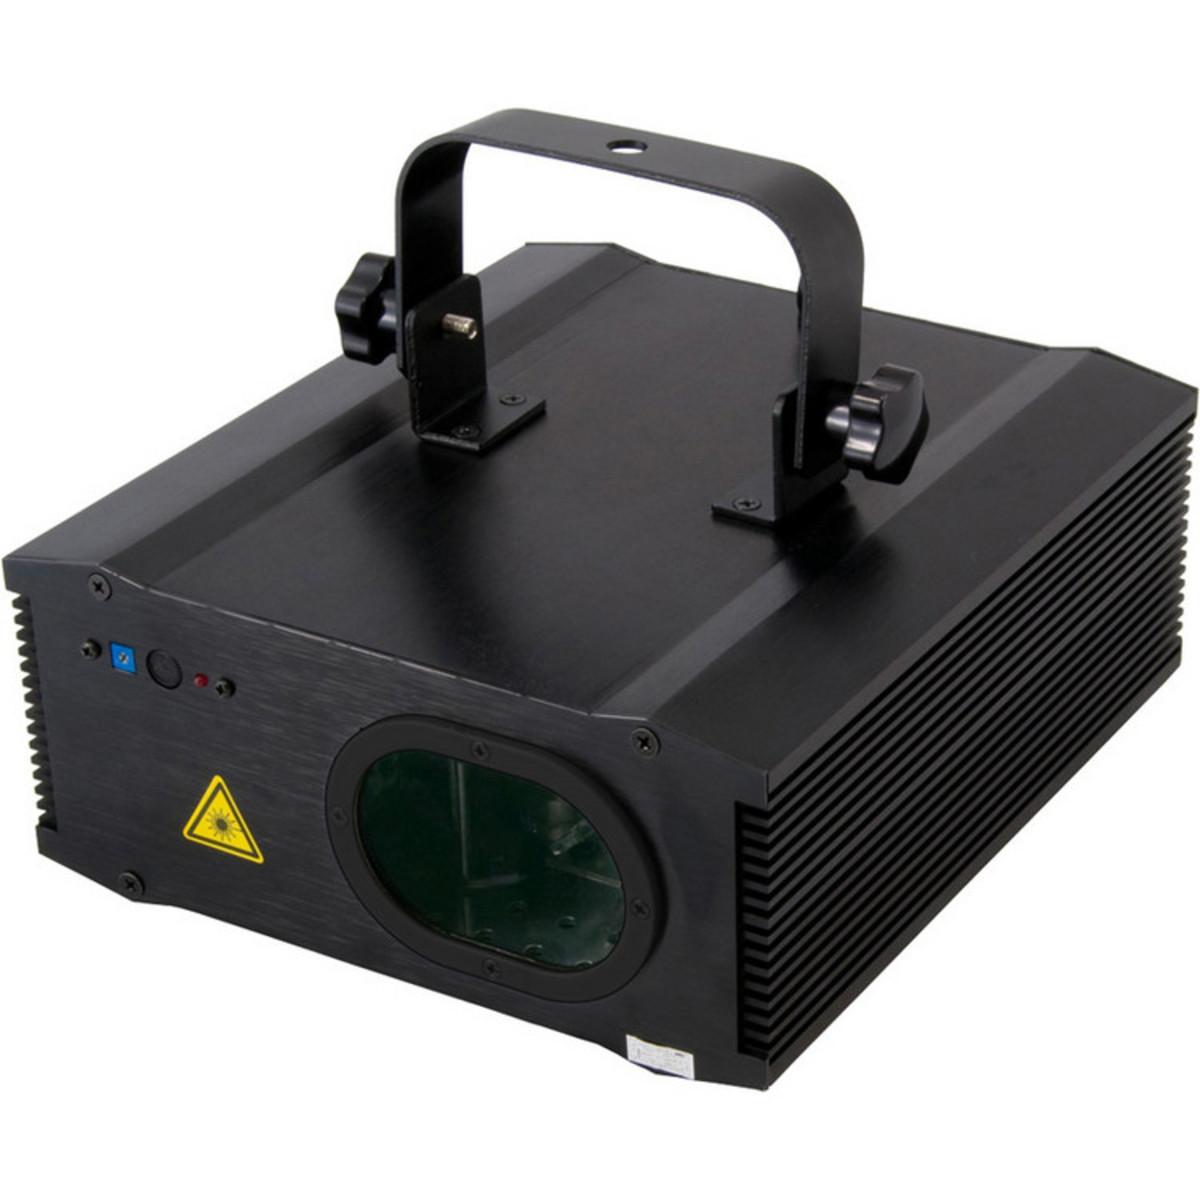 Disco Laserworld Evolution Es800 Rgb 800mw Full Color